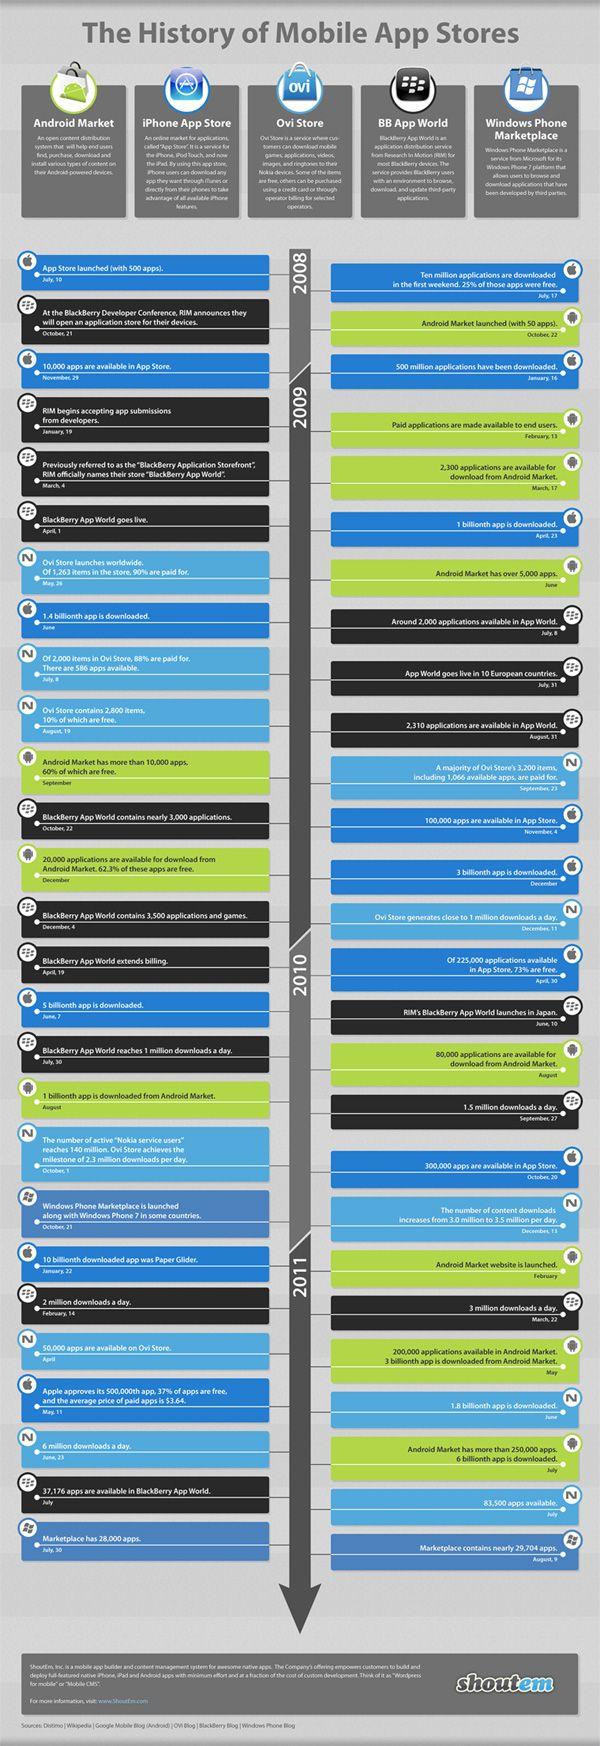 Infografía desde el lanzamiento de la App Store de Apple, julio 2008 hasta 2011. #appstores #mobile #trends